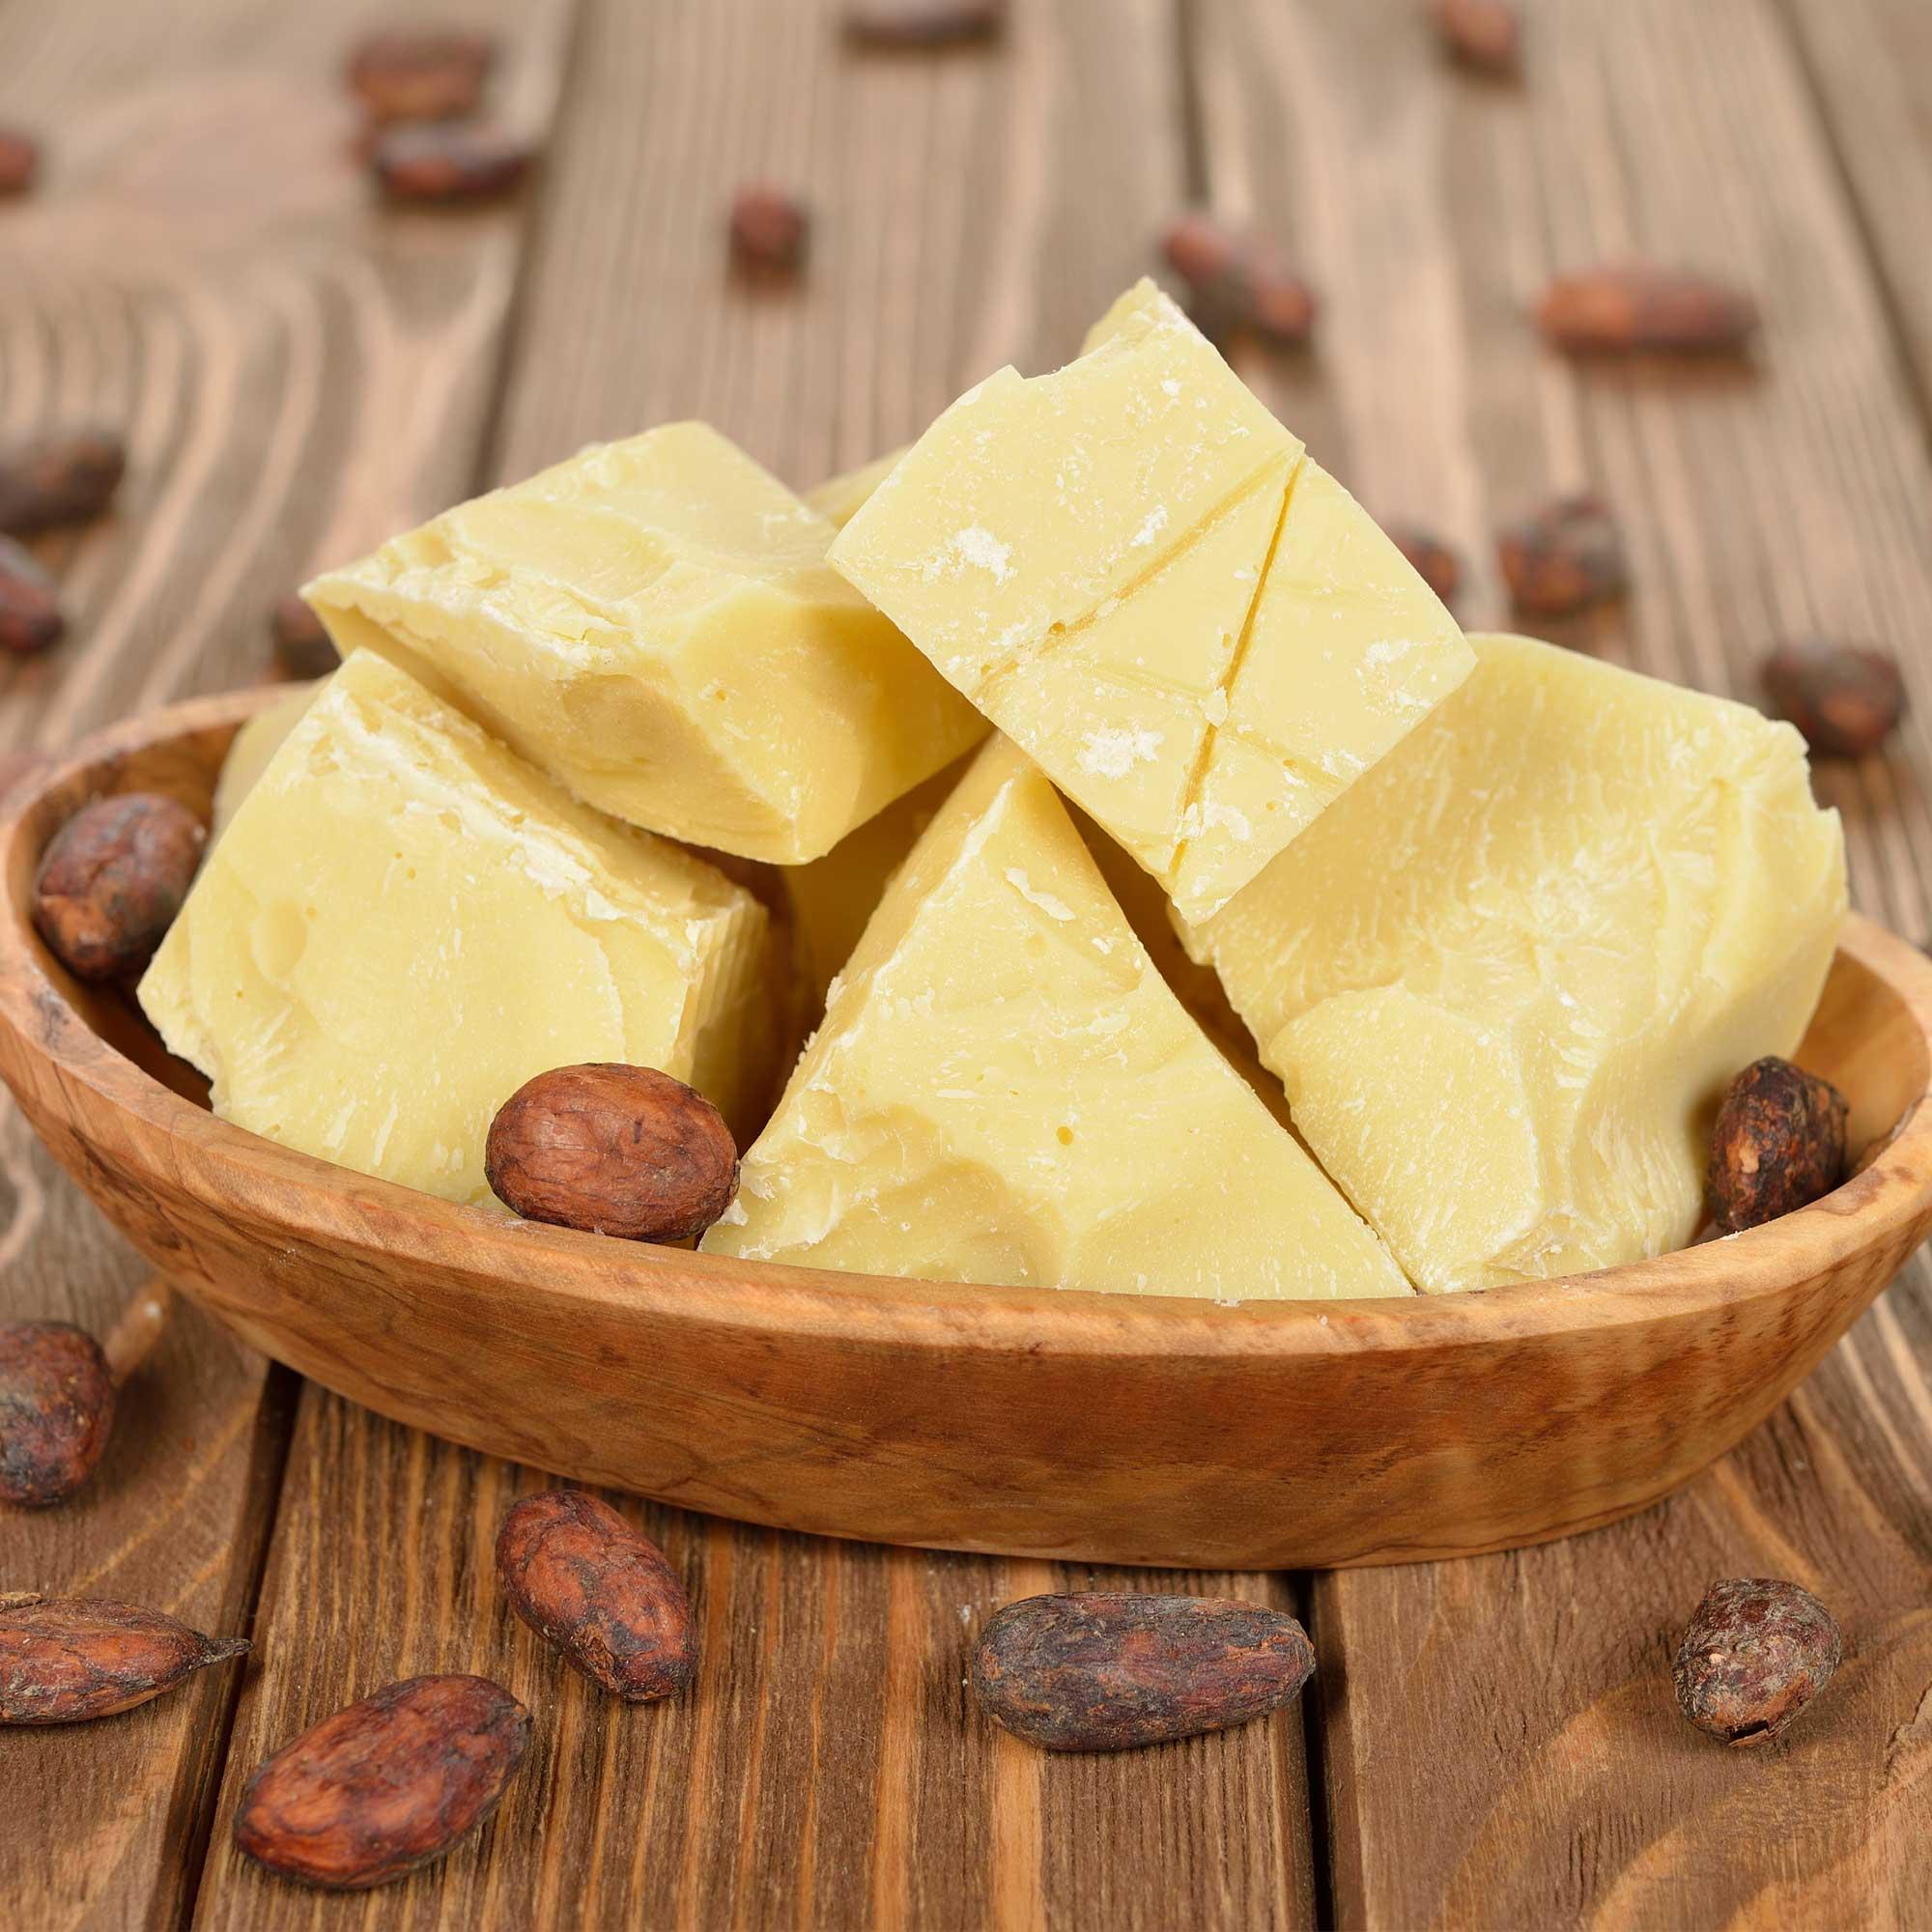 فوائد مذهلة لزبدة الكاكاو للبشرة والجسم